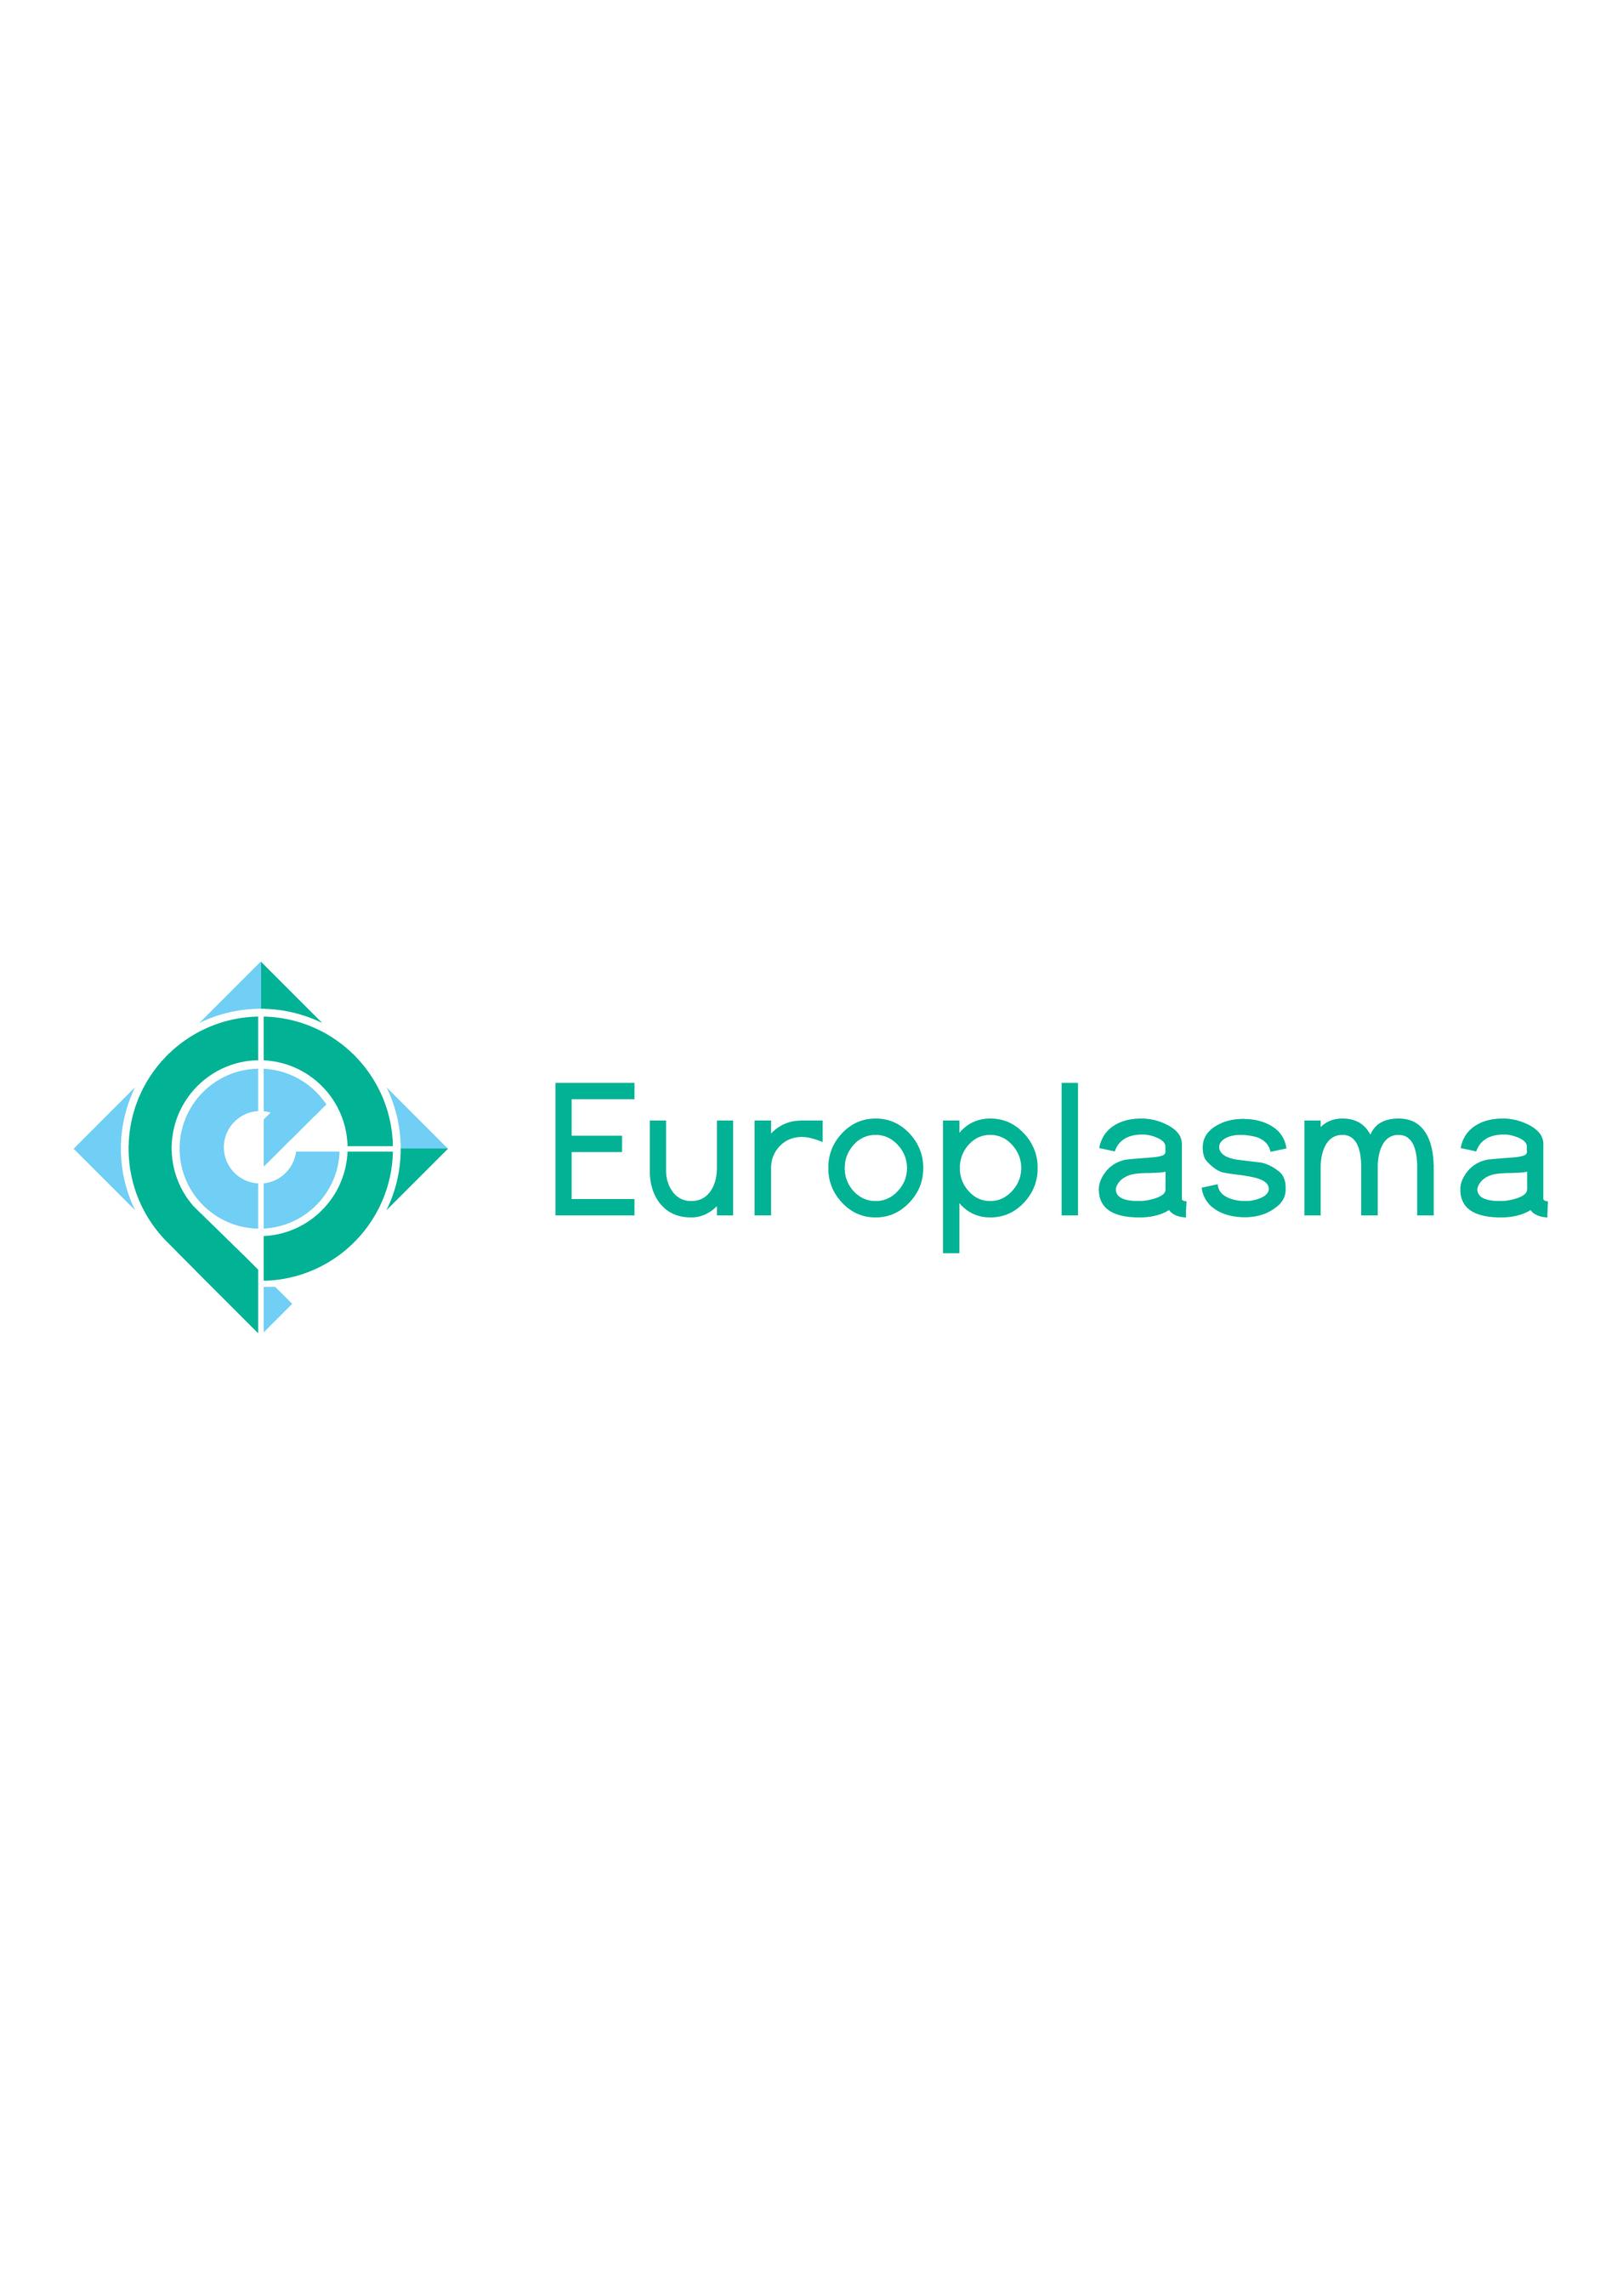 Europlasma Logo (PRNewsFoto/Europlasma)